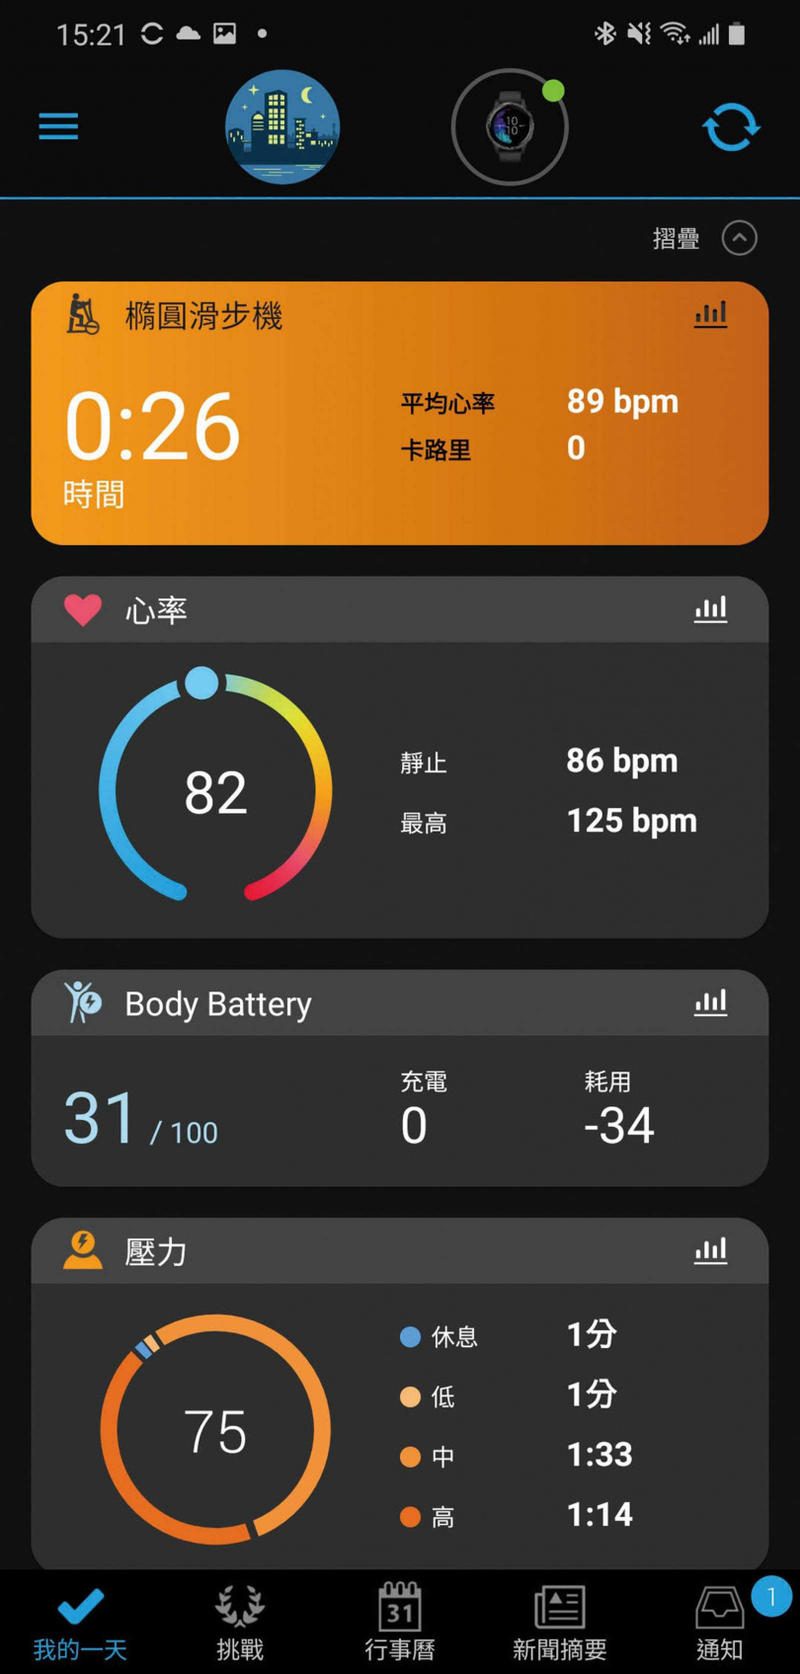 下載「Garmin Connnect」App之後,就可透過手機,獲取更多自己的運動和健康資訊。(圖/手機螢幕截圖)